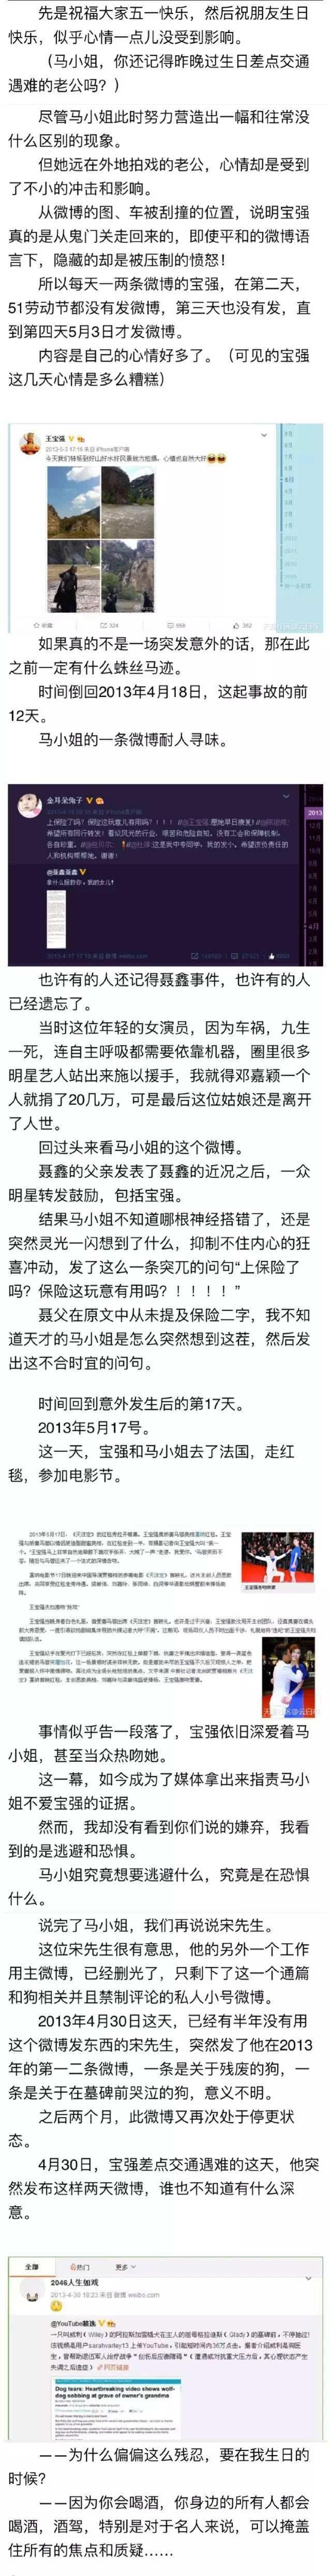 马蓉自曝王宝强车祸 马蓉制造车祸杀王宝强 - 点击图片进入下一页